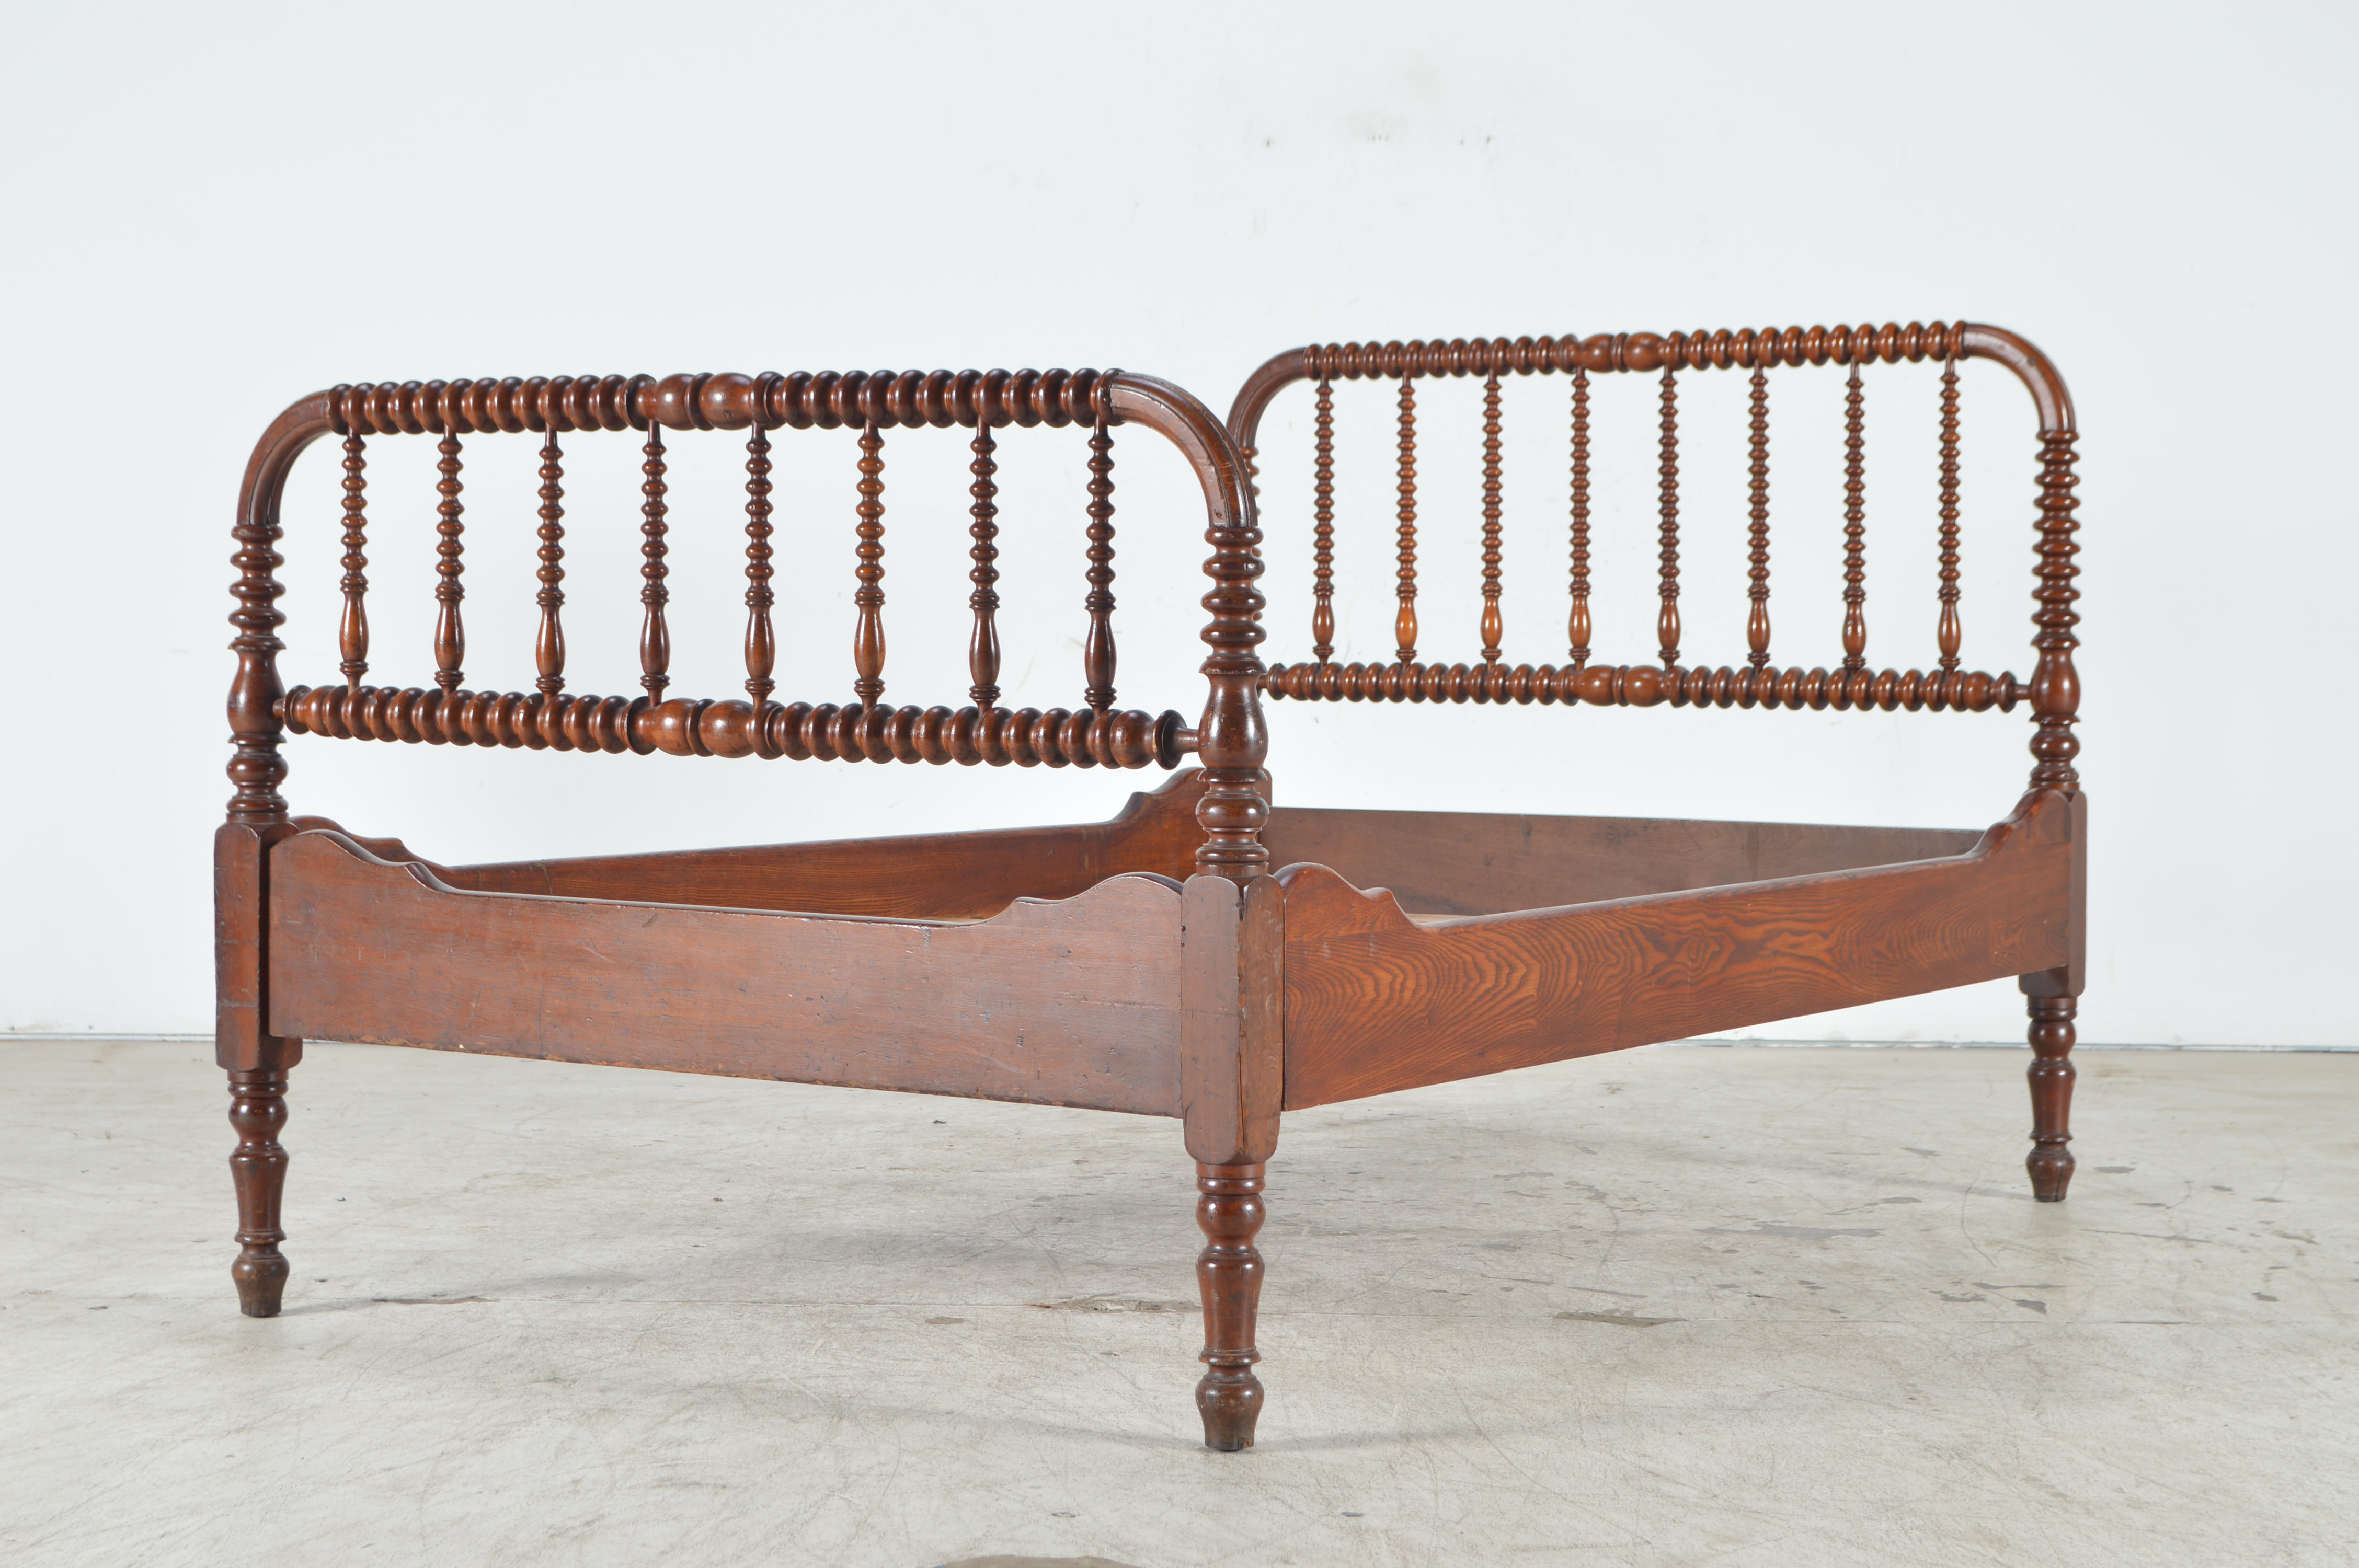 antique 3 4 bed Antique Jenny Lind 3/4 Bed Frame : EBTH antique 3 4 bed